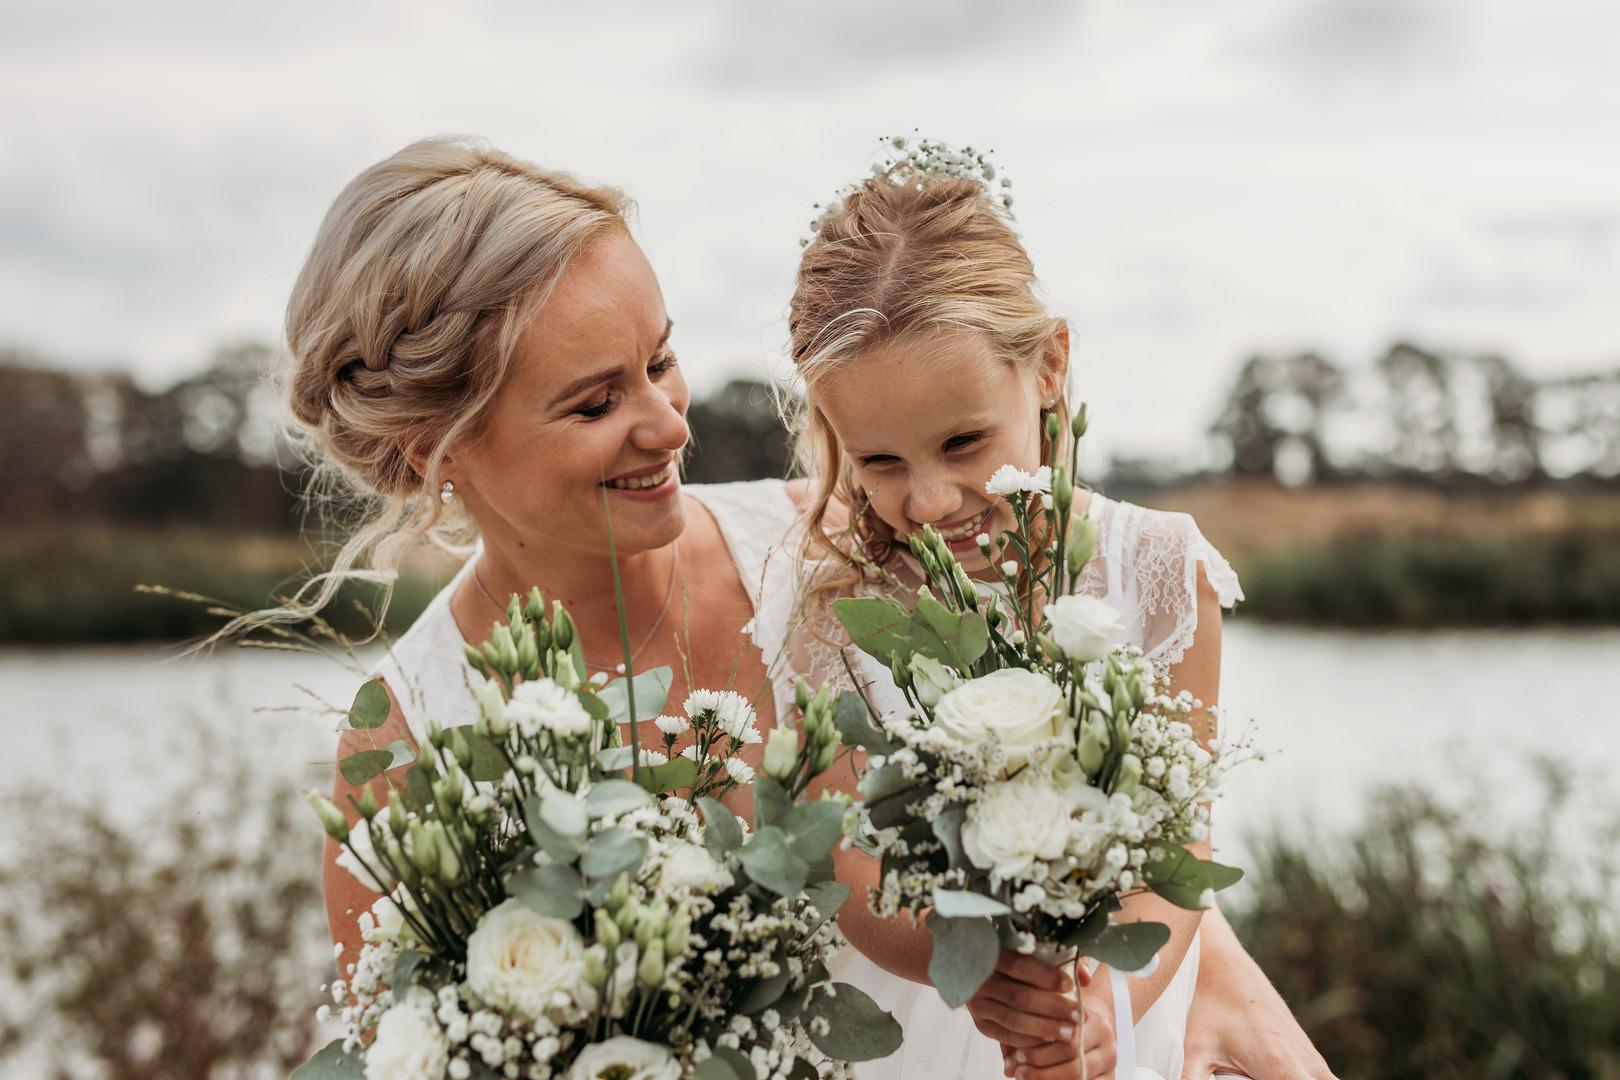 tessart bruidsfotografie overijssel